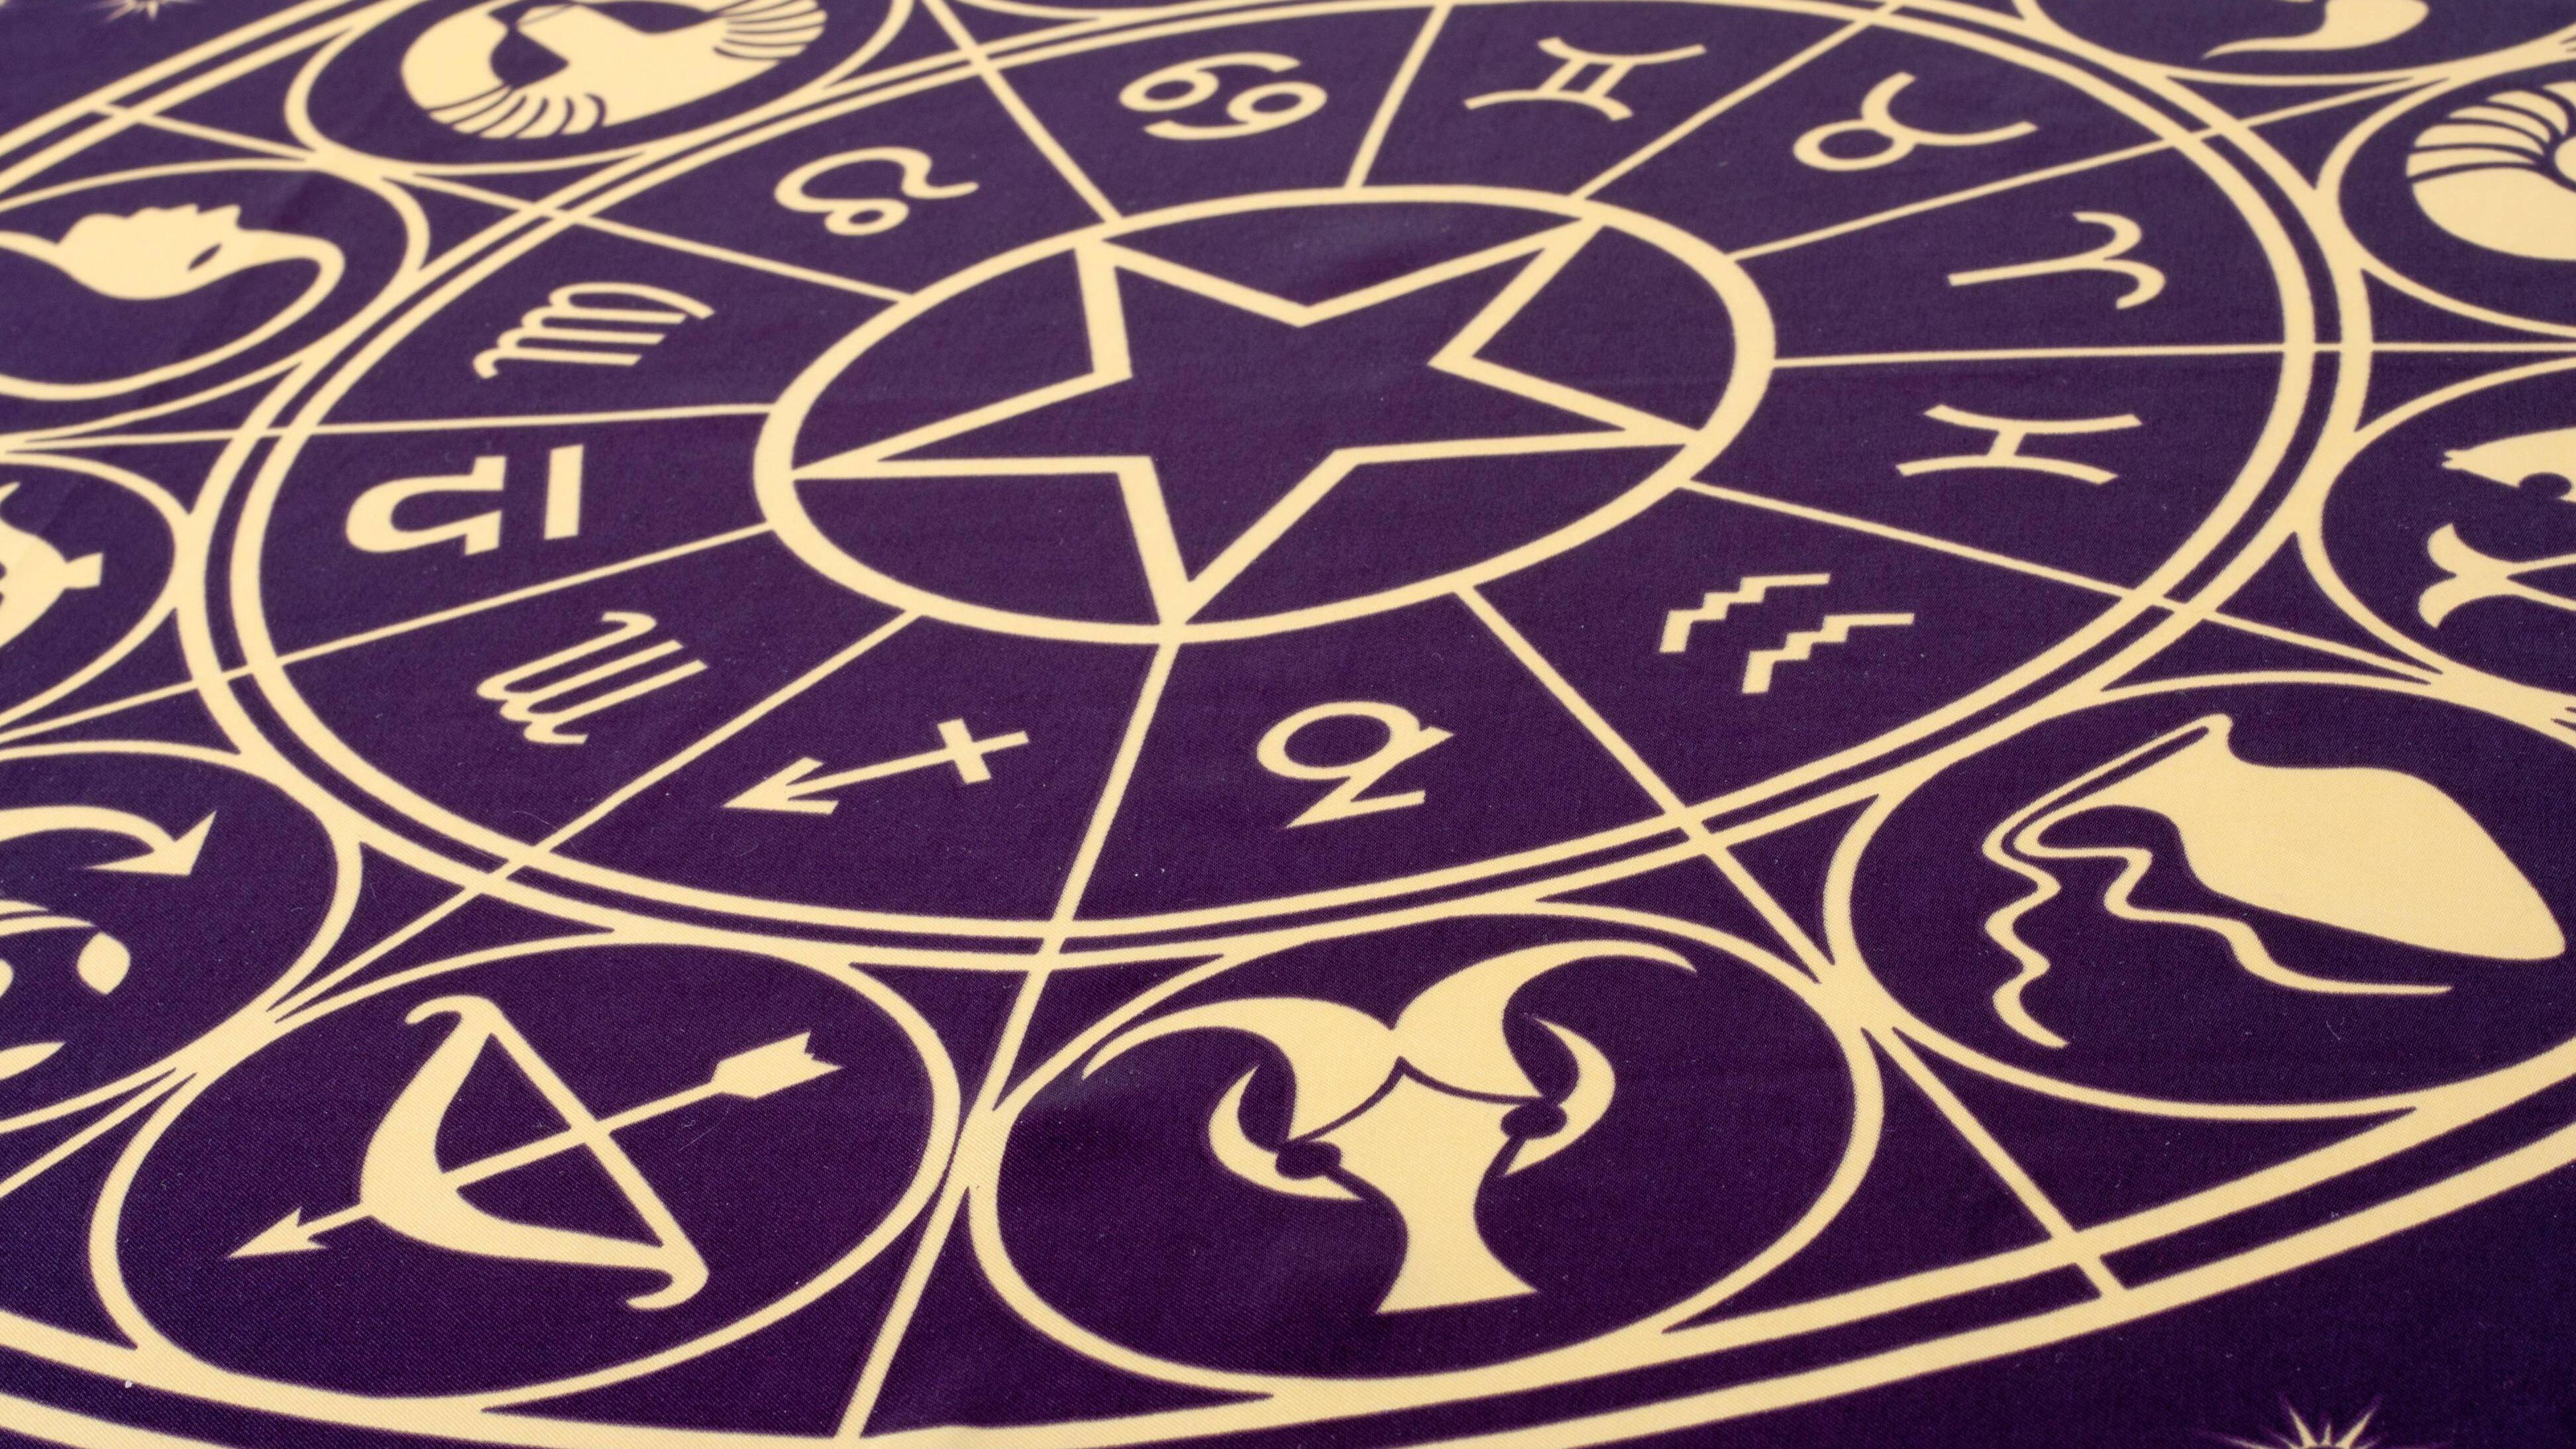 Die Reihenfolge der Sternzeichen ist festgelegt und bildet einen Zyklus.